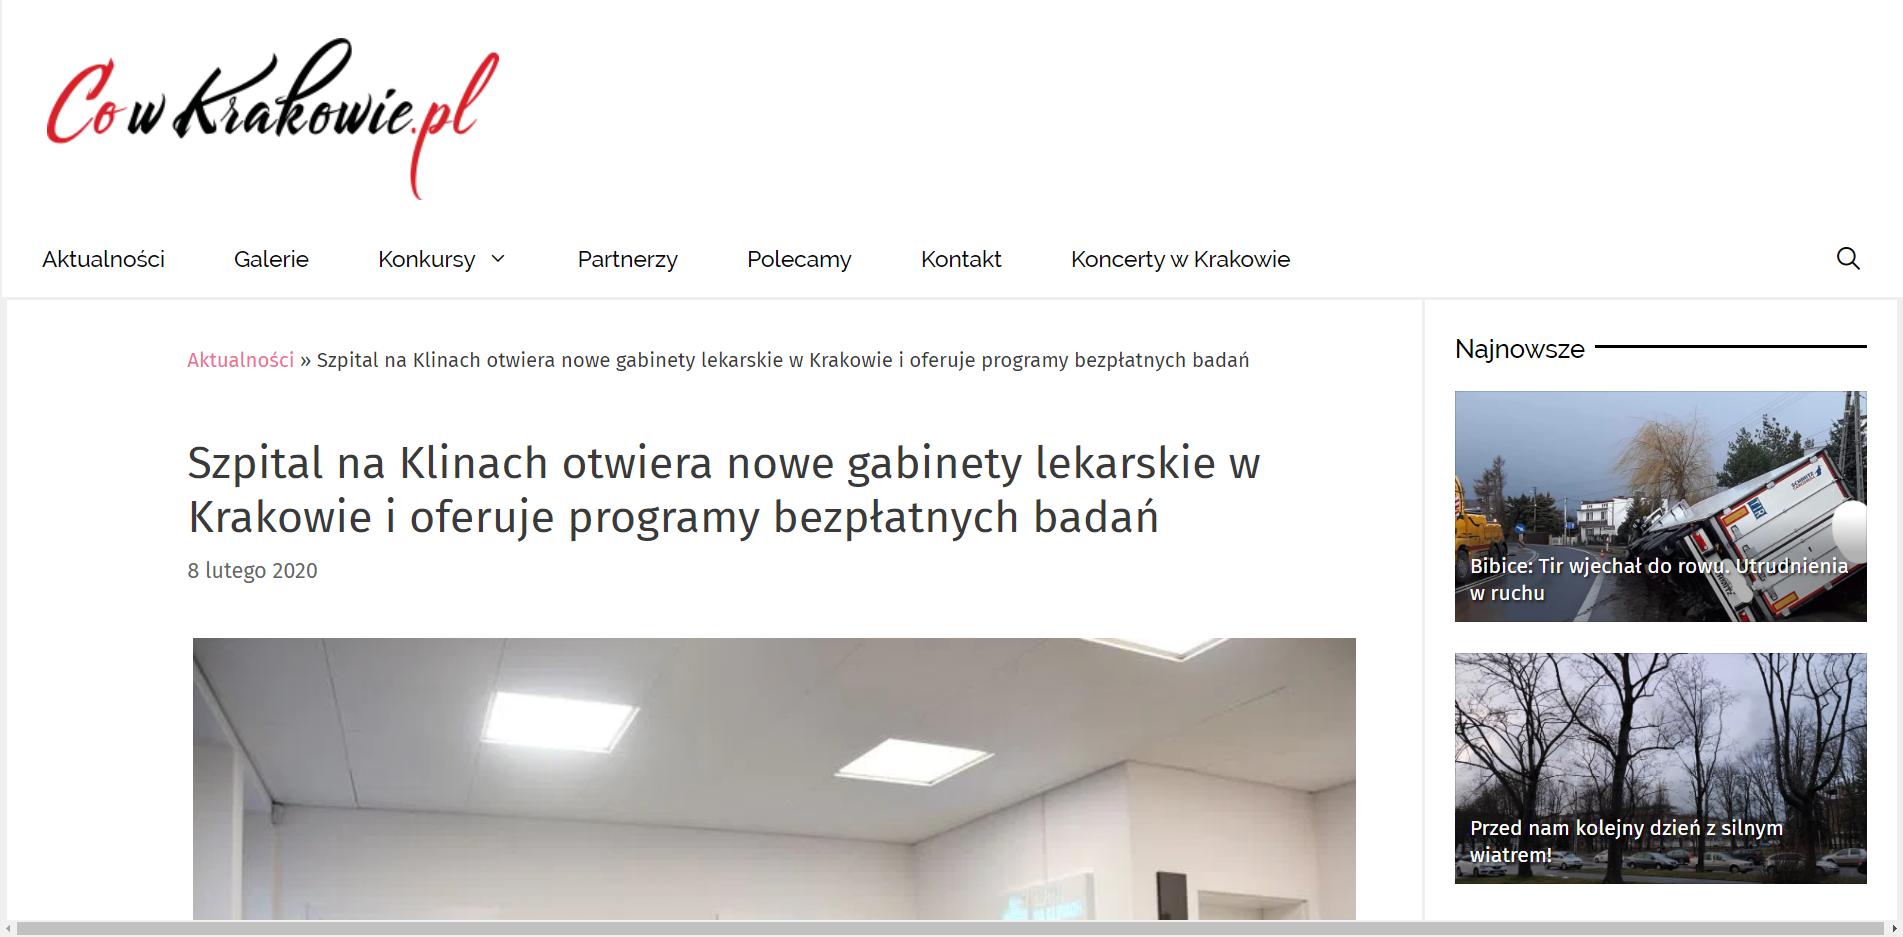 Szpital na Klinach otwiera nowe gabinety lekarskie w Krakowie i oferuje programy bezpłatnych badań